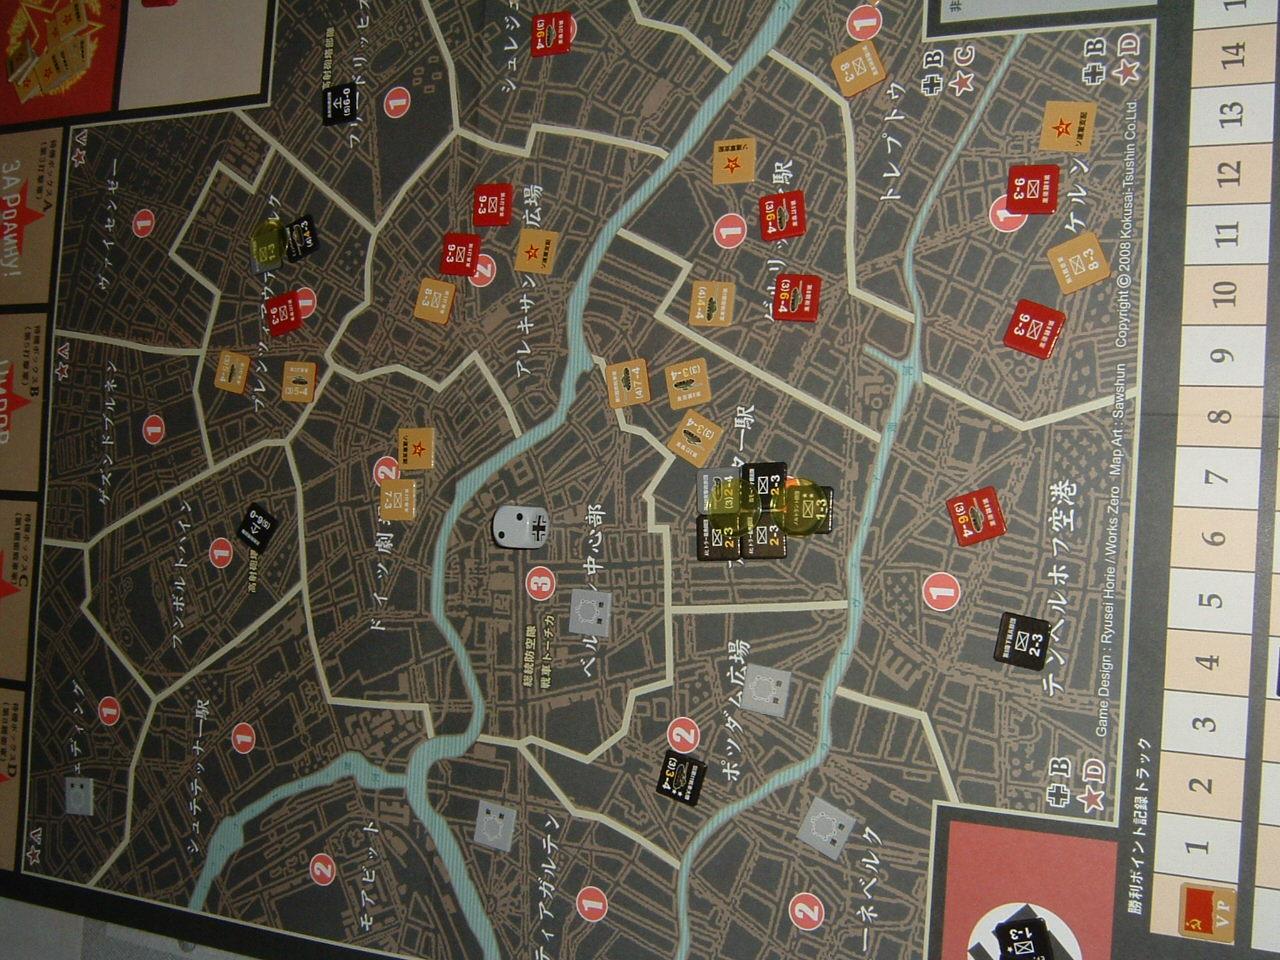 発掘2008.2.29対戦写真(CMJ誌79付録)ベルリン市街戦 その1_b0173672_1217271.jpg